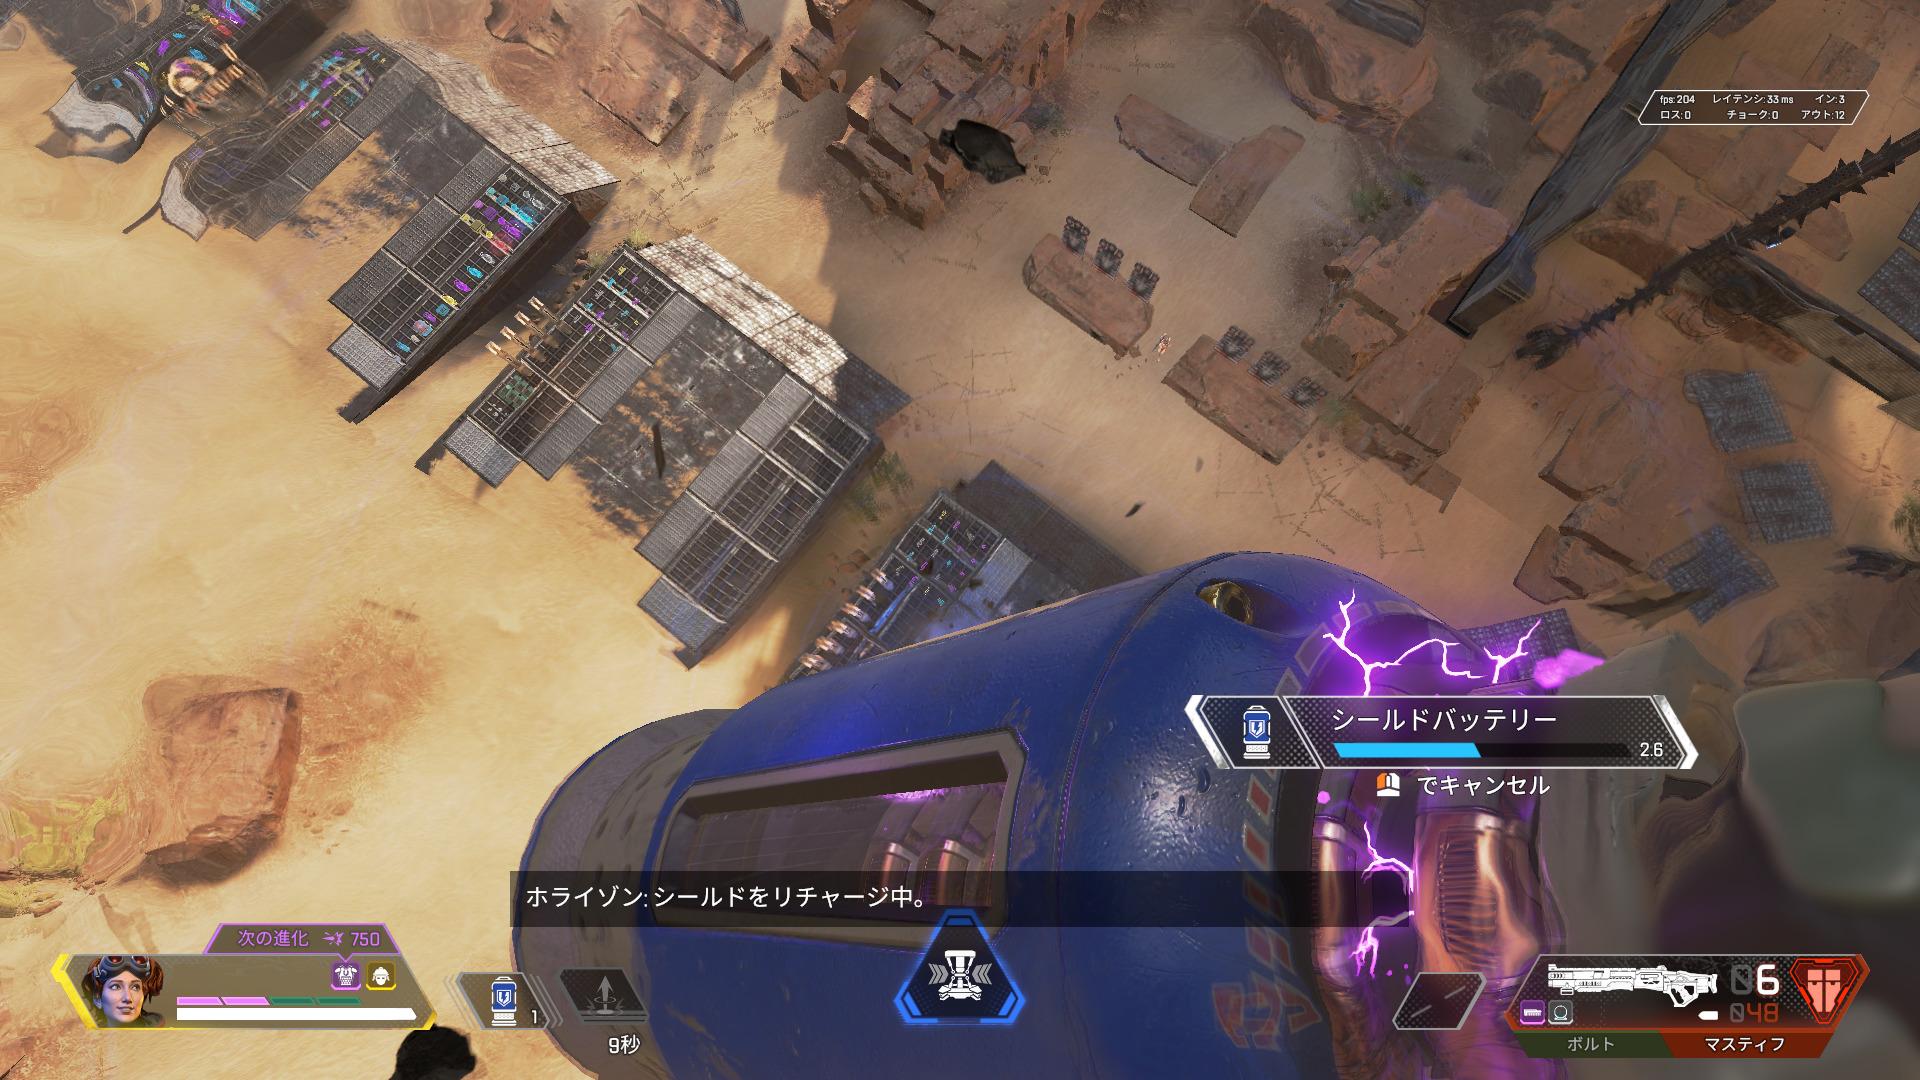 【Apex Legends】意外と知られていないホライゾンの使い方・小技 まとめ